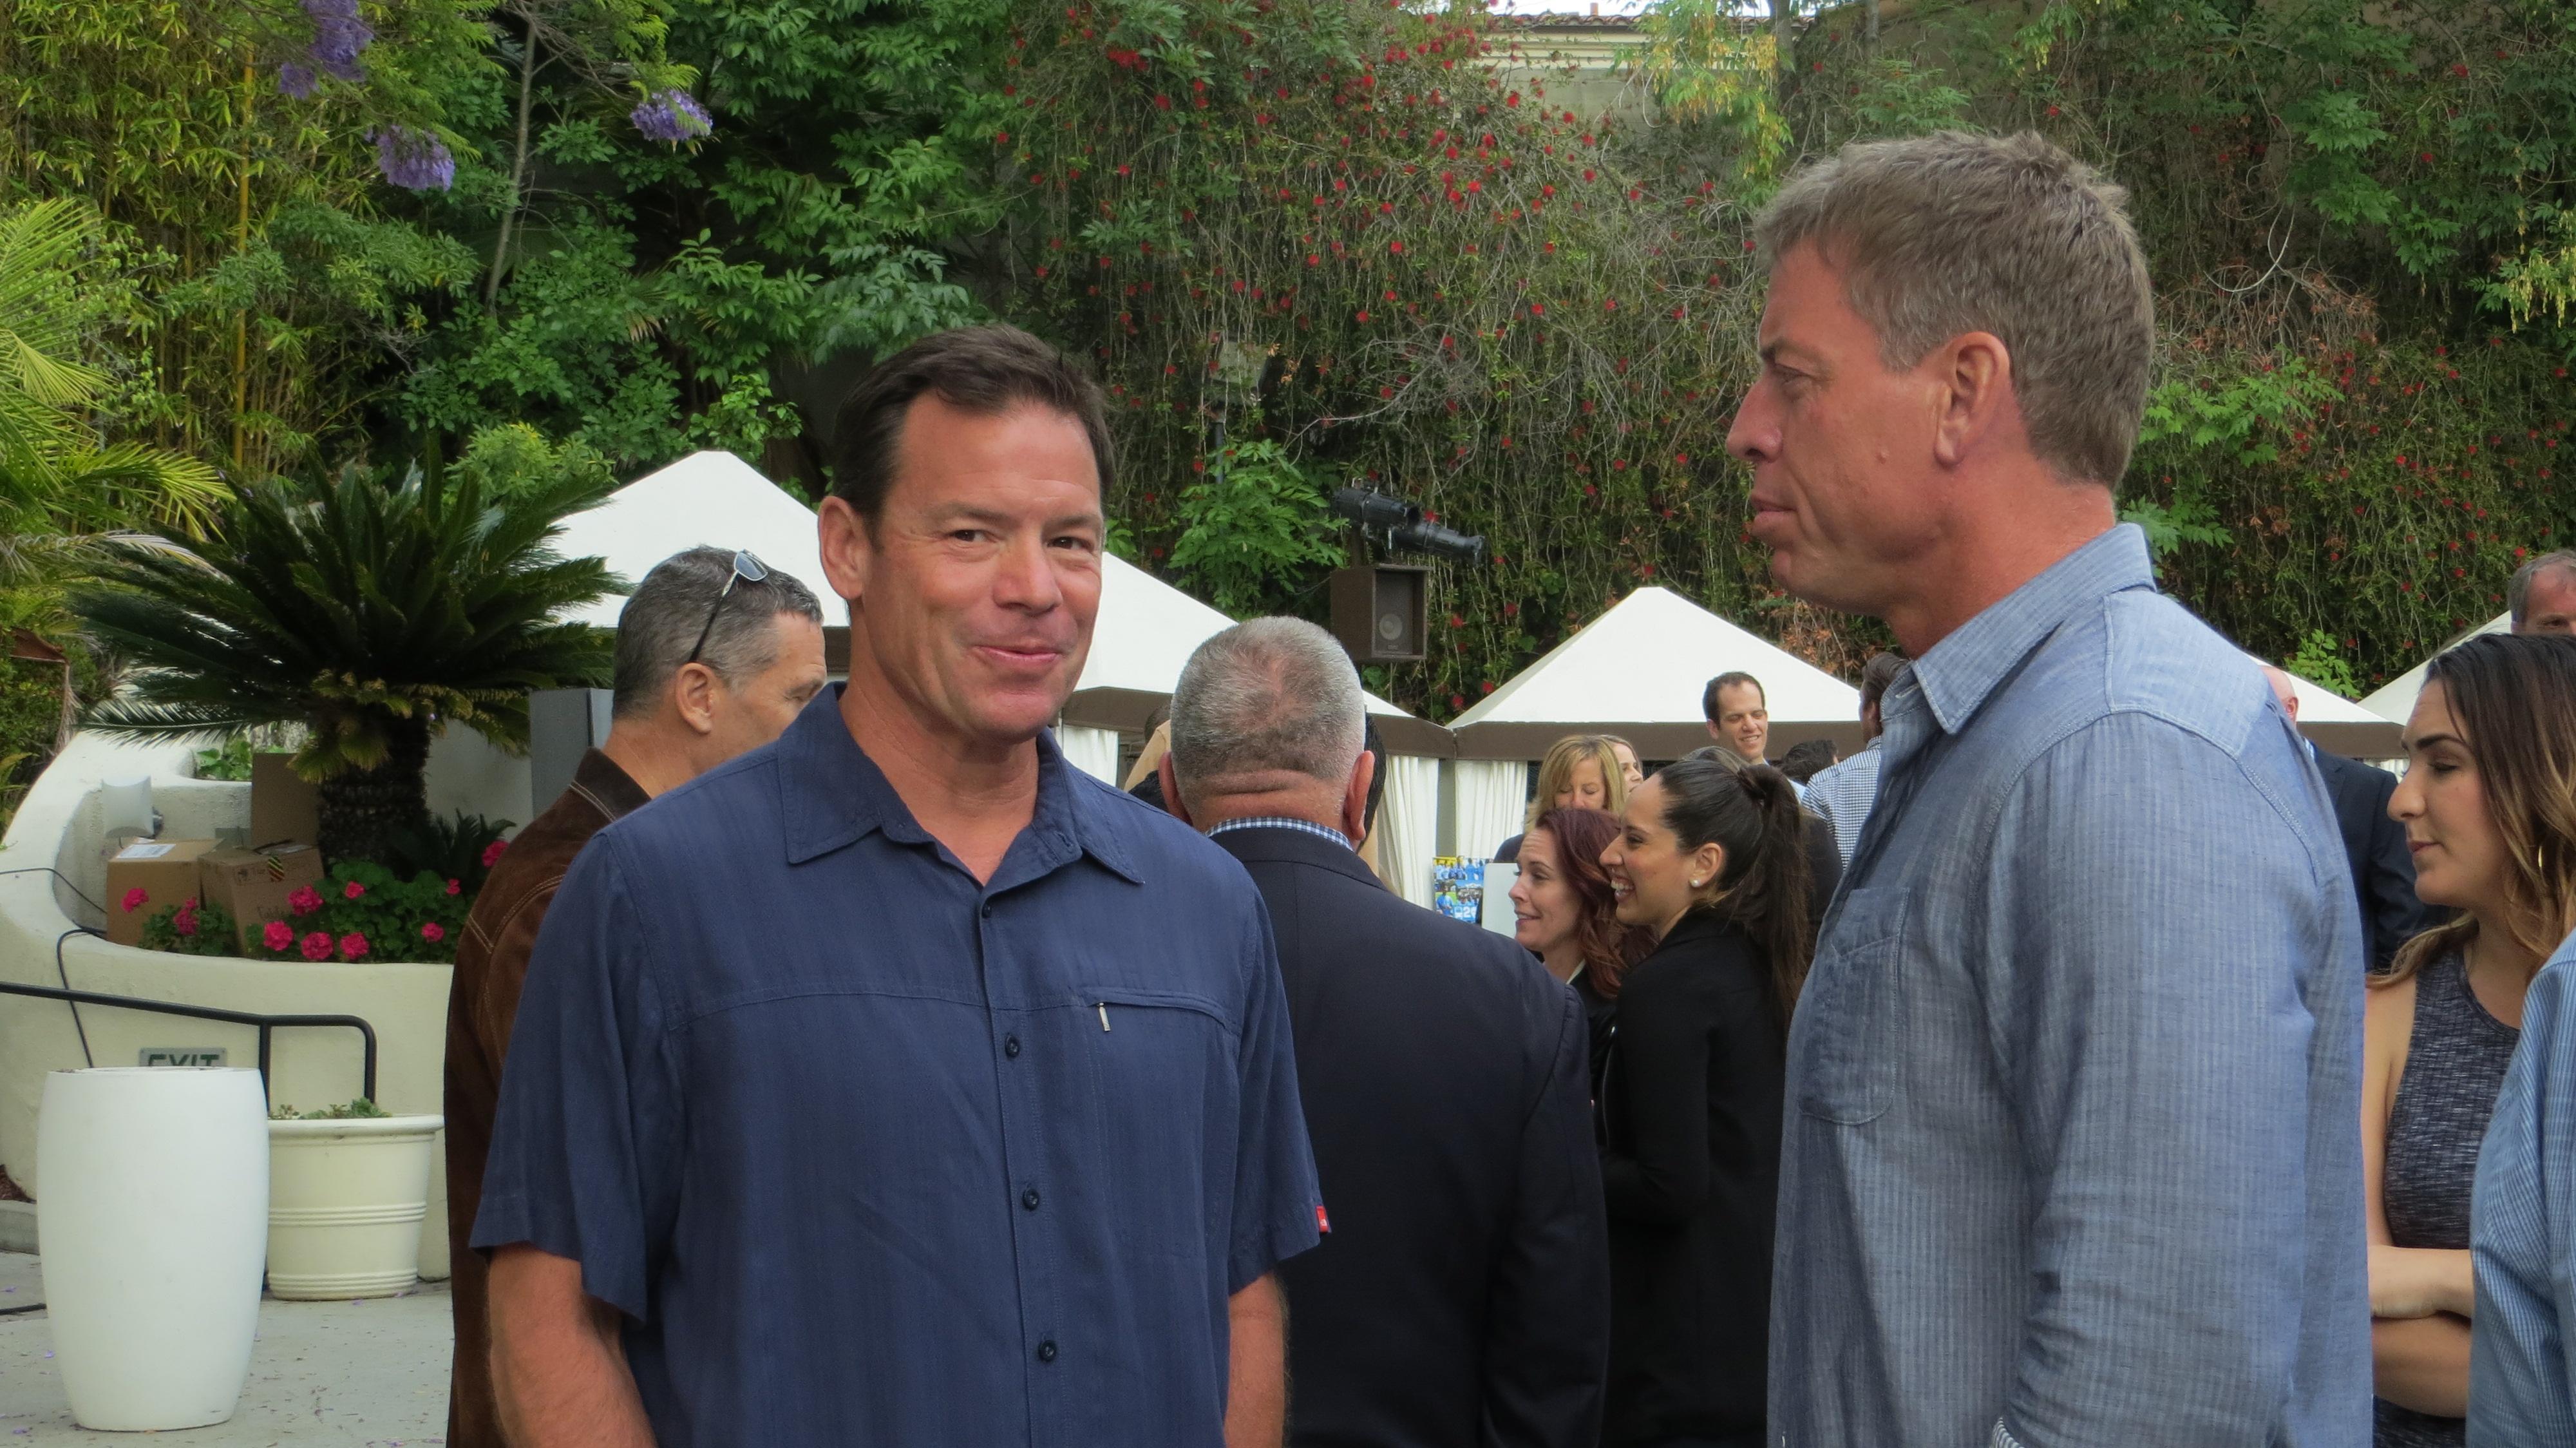 UCLA Coach Jim Mora and Troy Aikman